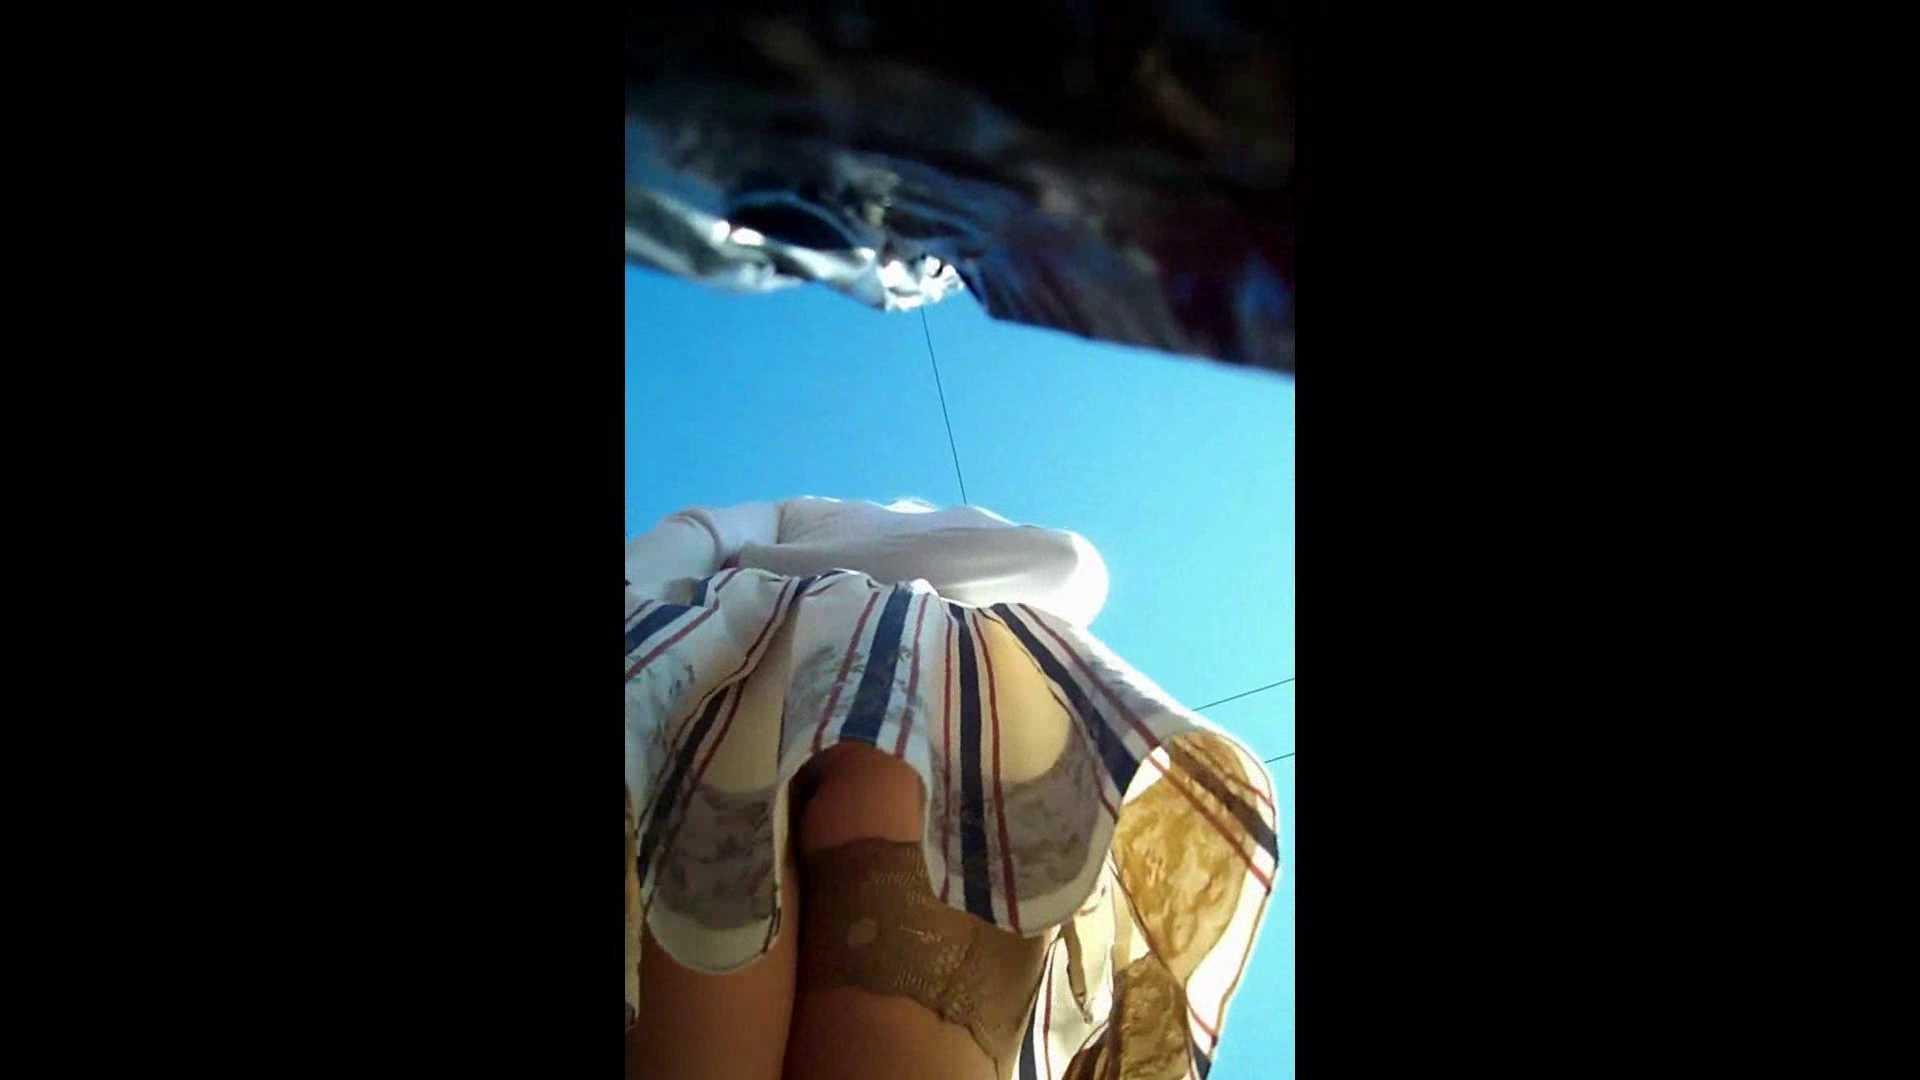 綺麗なモデルさんのスカート捲っちゃおう‼vol01 OLすけべ画像 盗み撮り動画キャプチャ 95連発 29